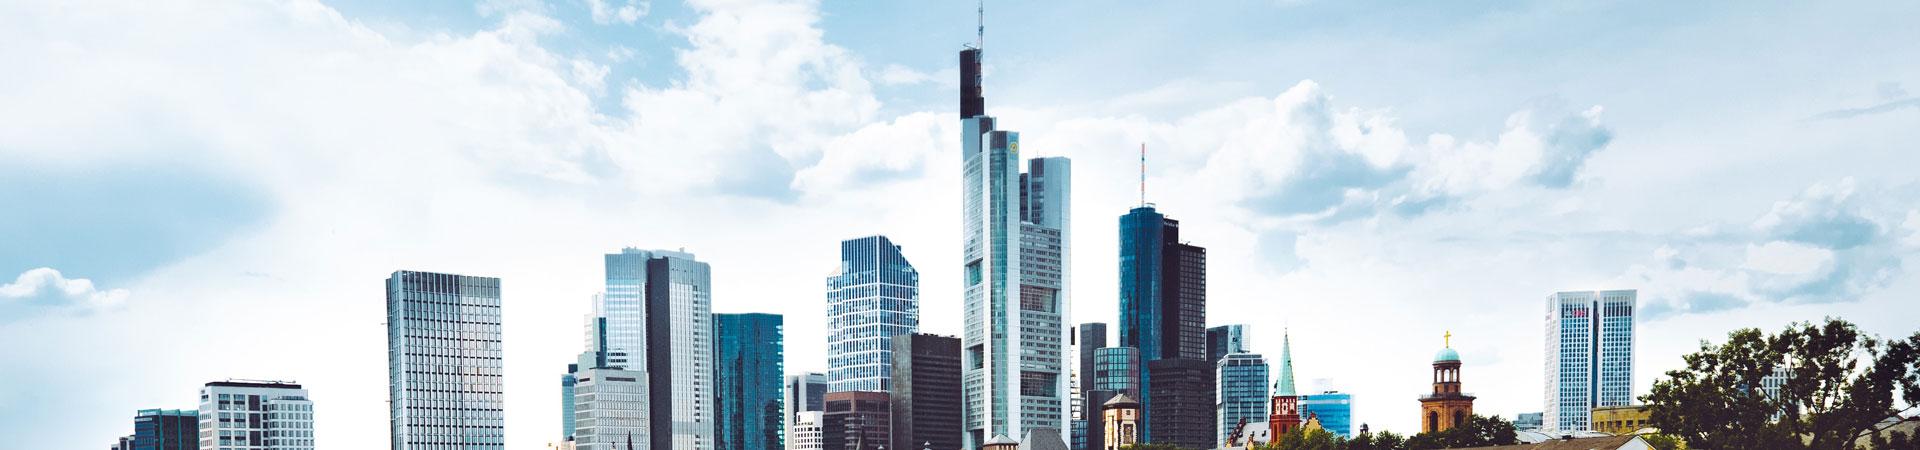 Albanisch Dolmetscherin Frankfurt am Main